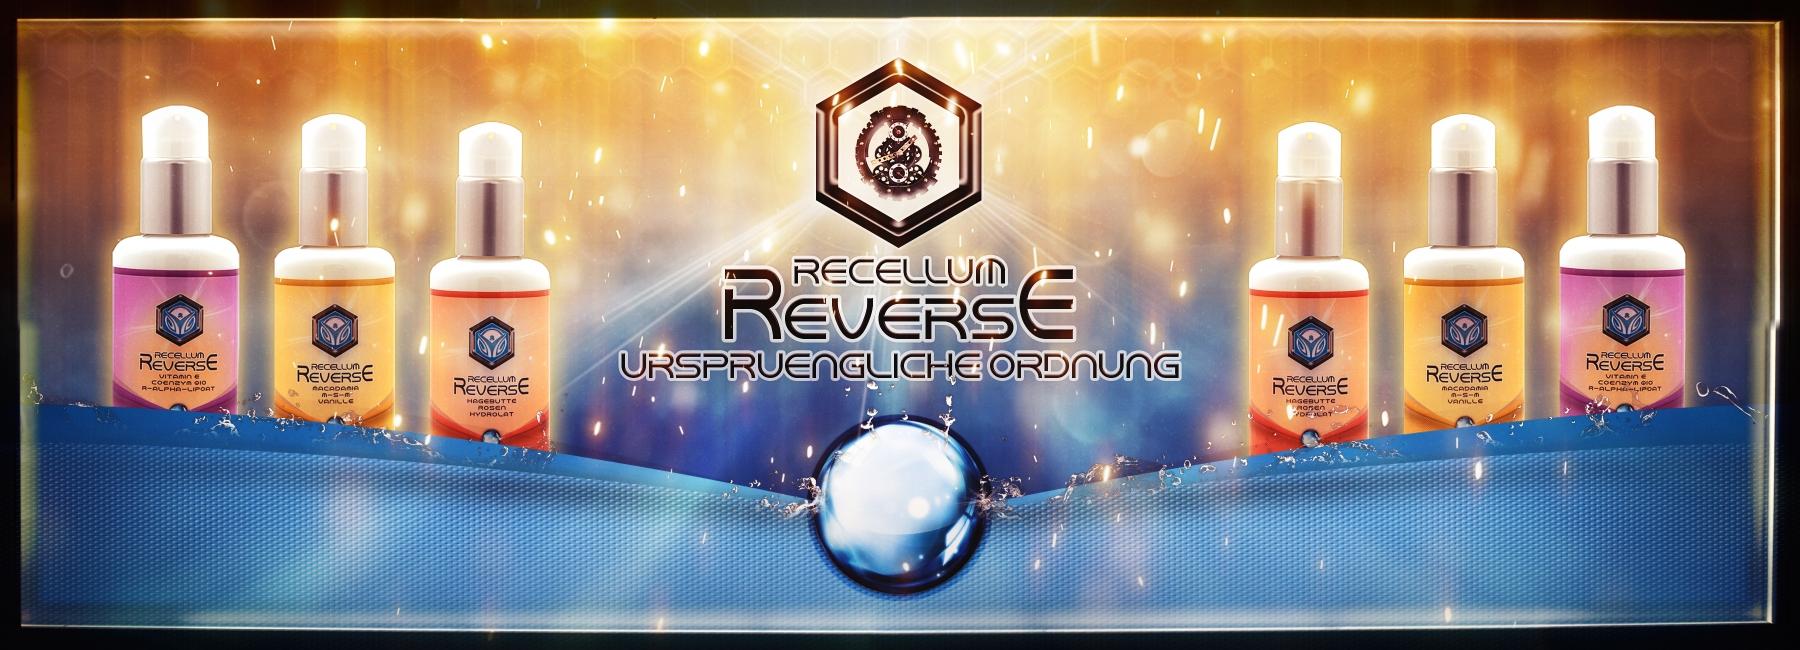 Recellum Reverse - Rejuvenation